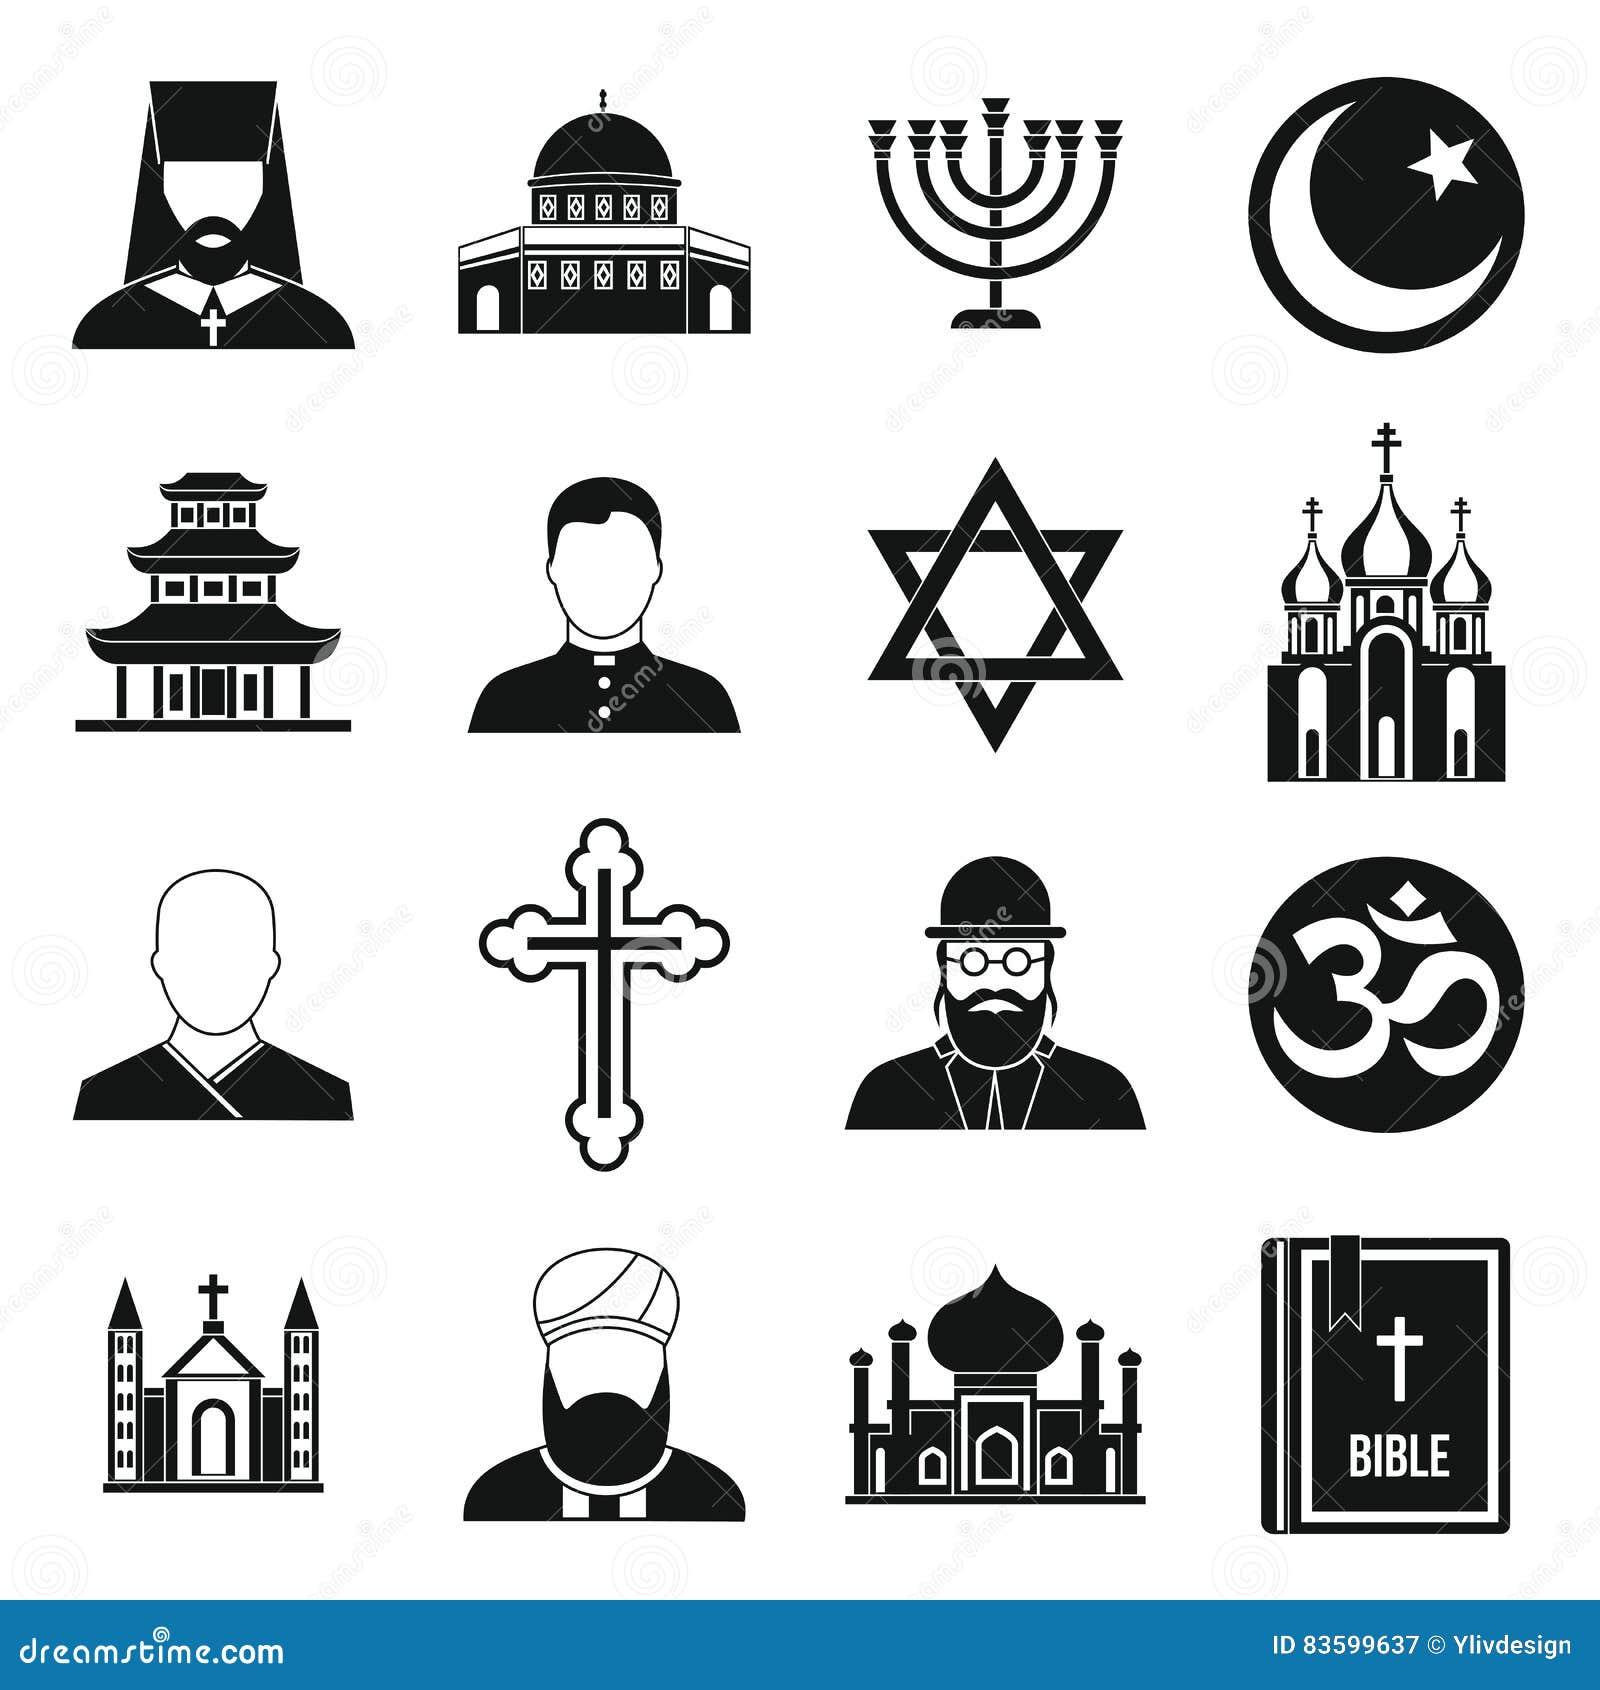 world religion symbols stock photo illustration of